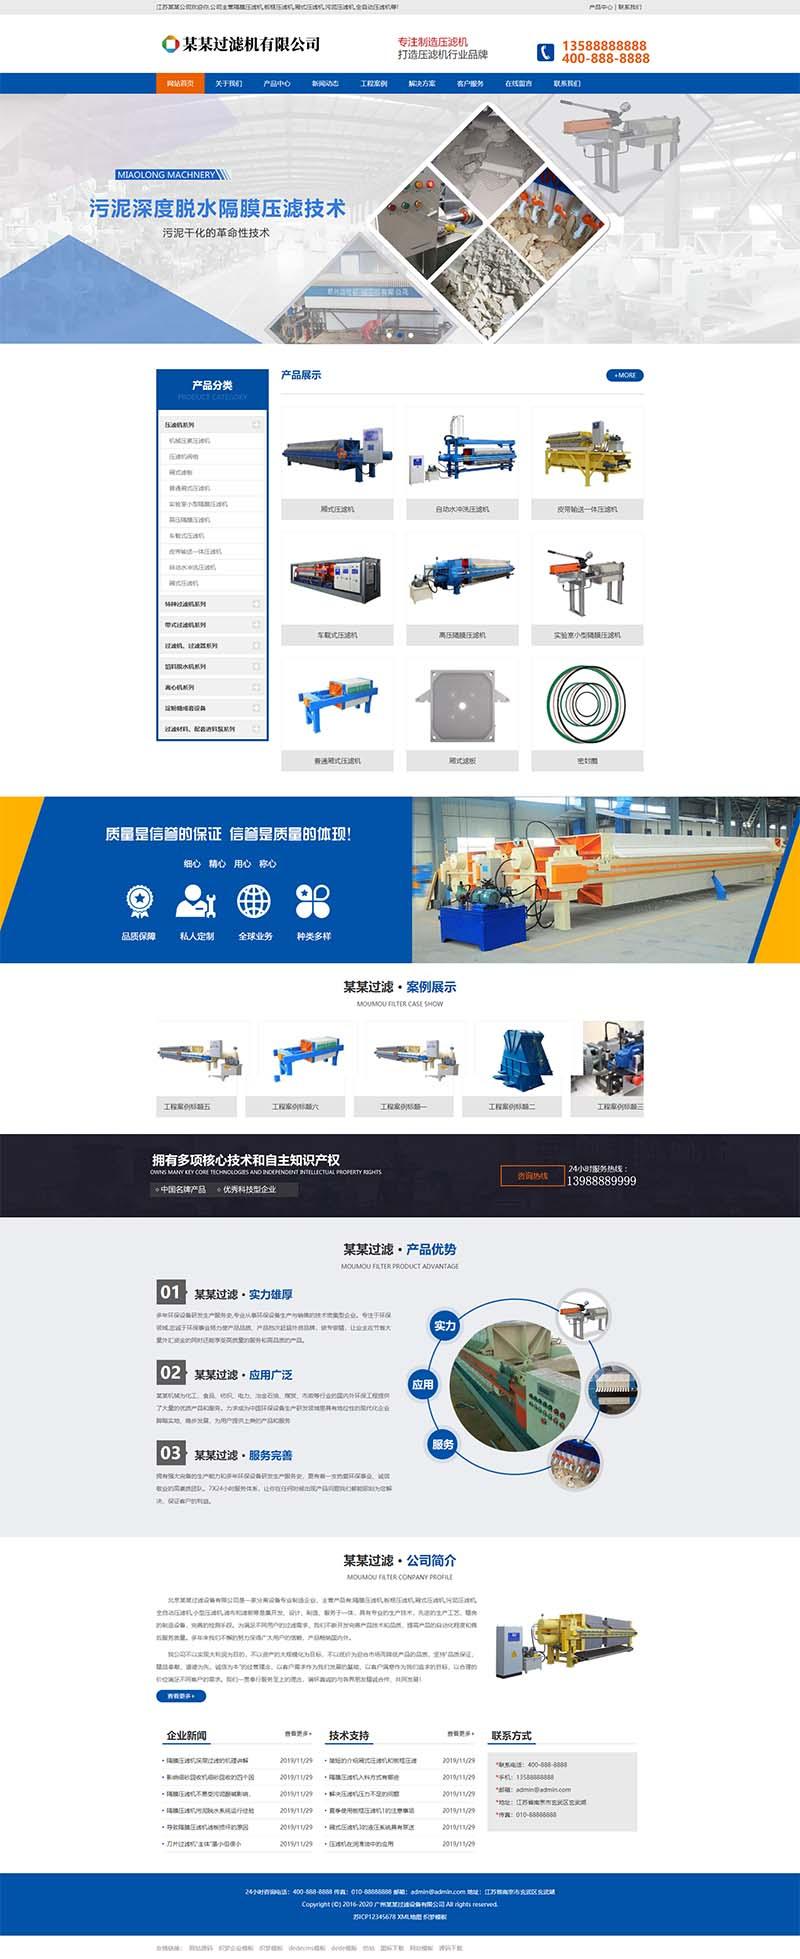 Dedecms模板蓝色机械设备网站源码/营销型压滤机过滤设备类织梦模板-图1